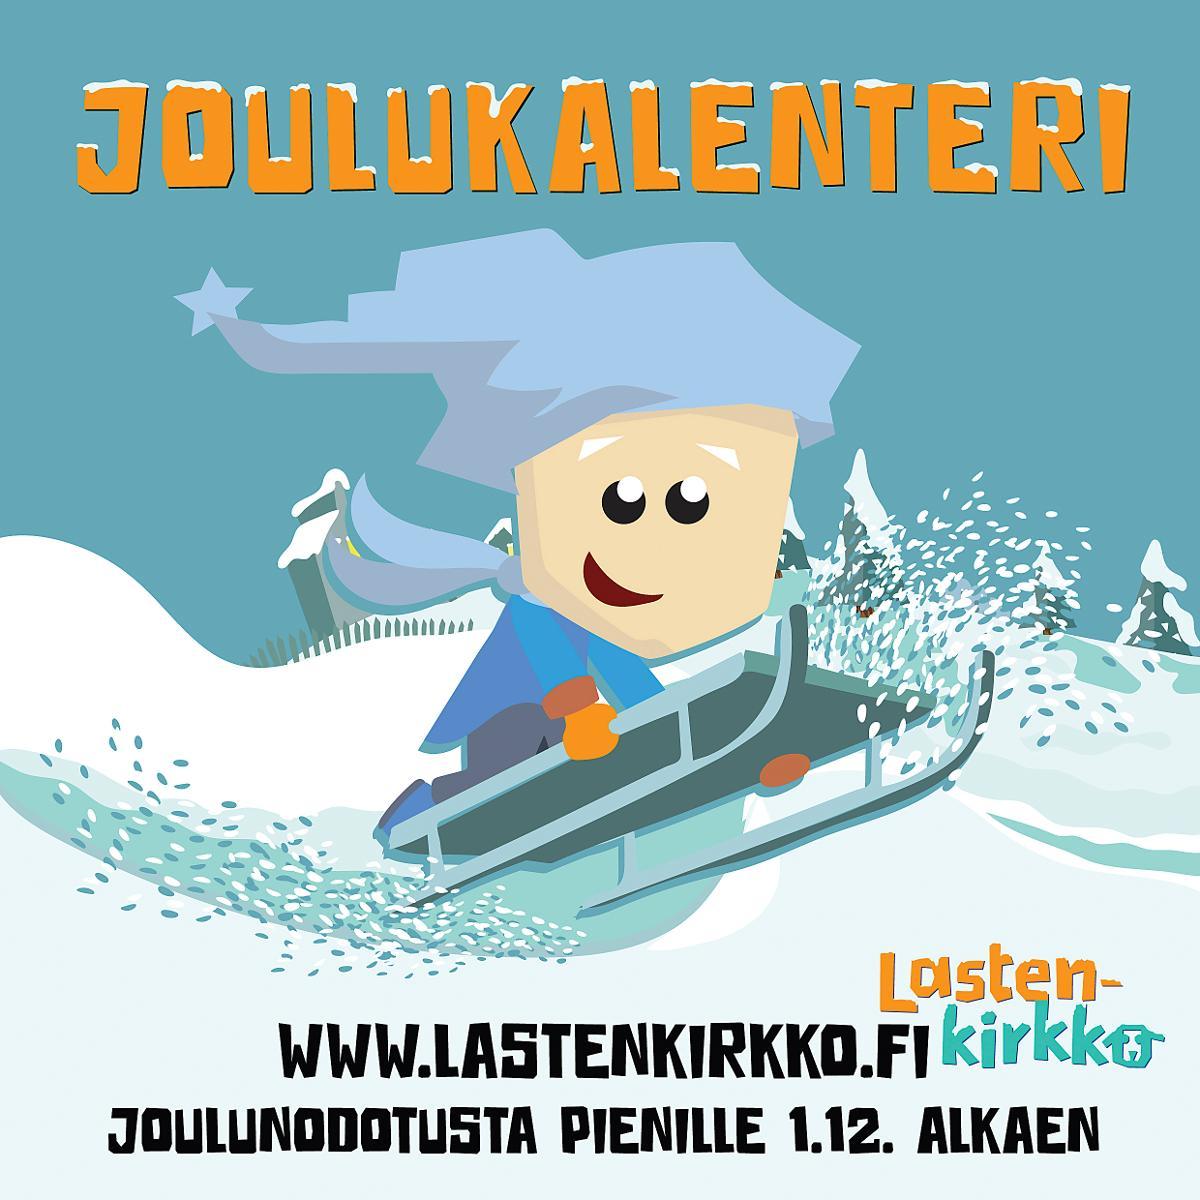 Kuva: Lastenkirkko.fi -sivuston joulukalenteri avautuu 1. joulukuuta.